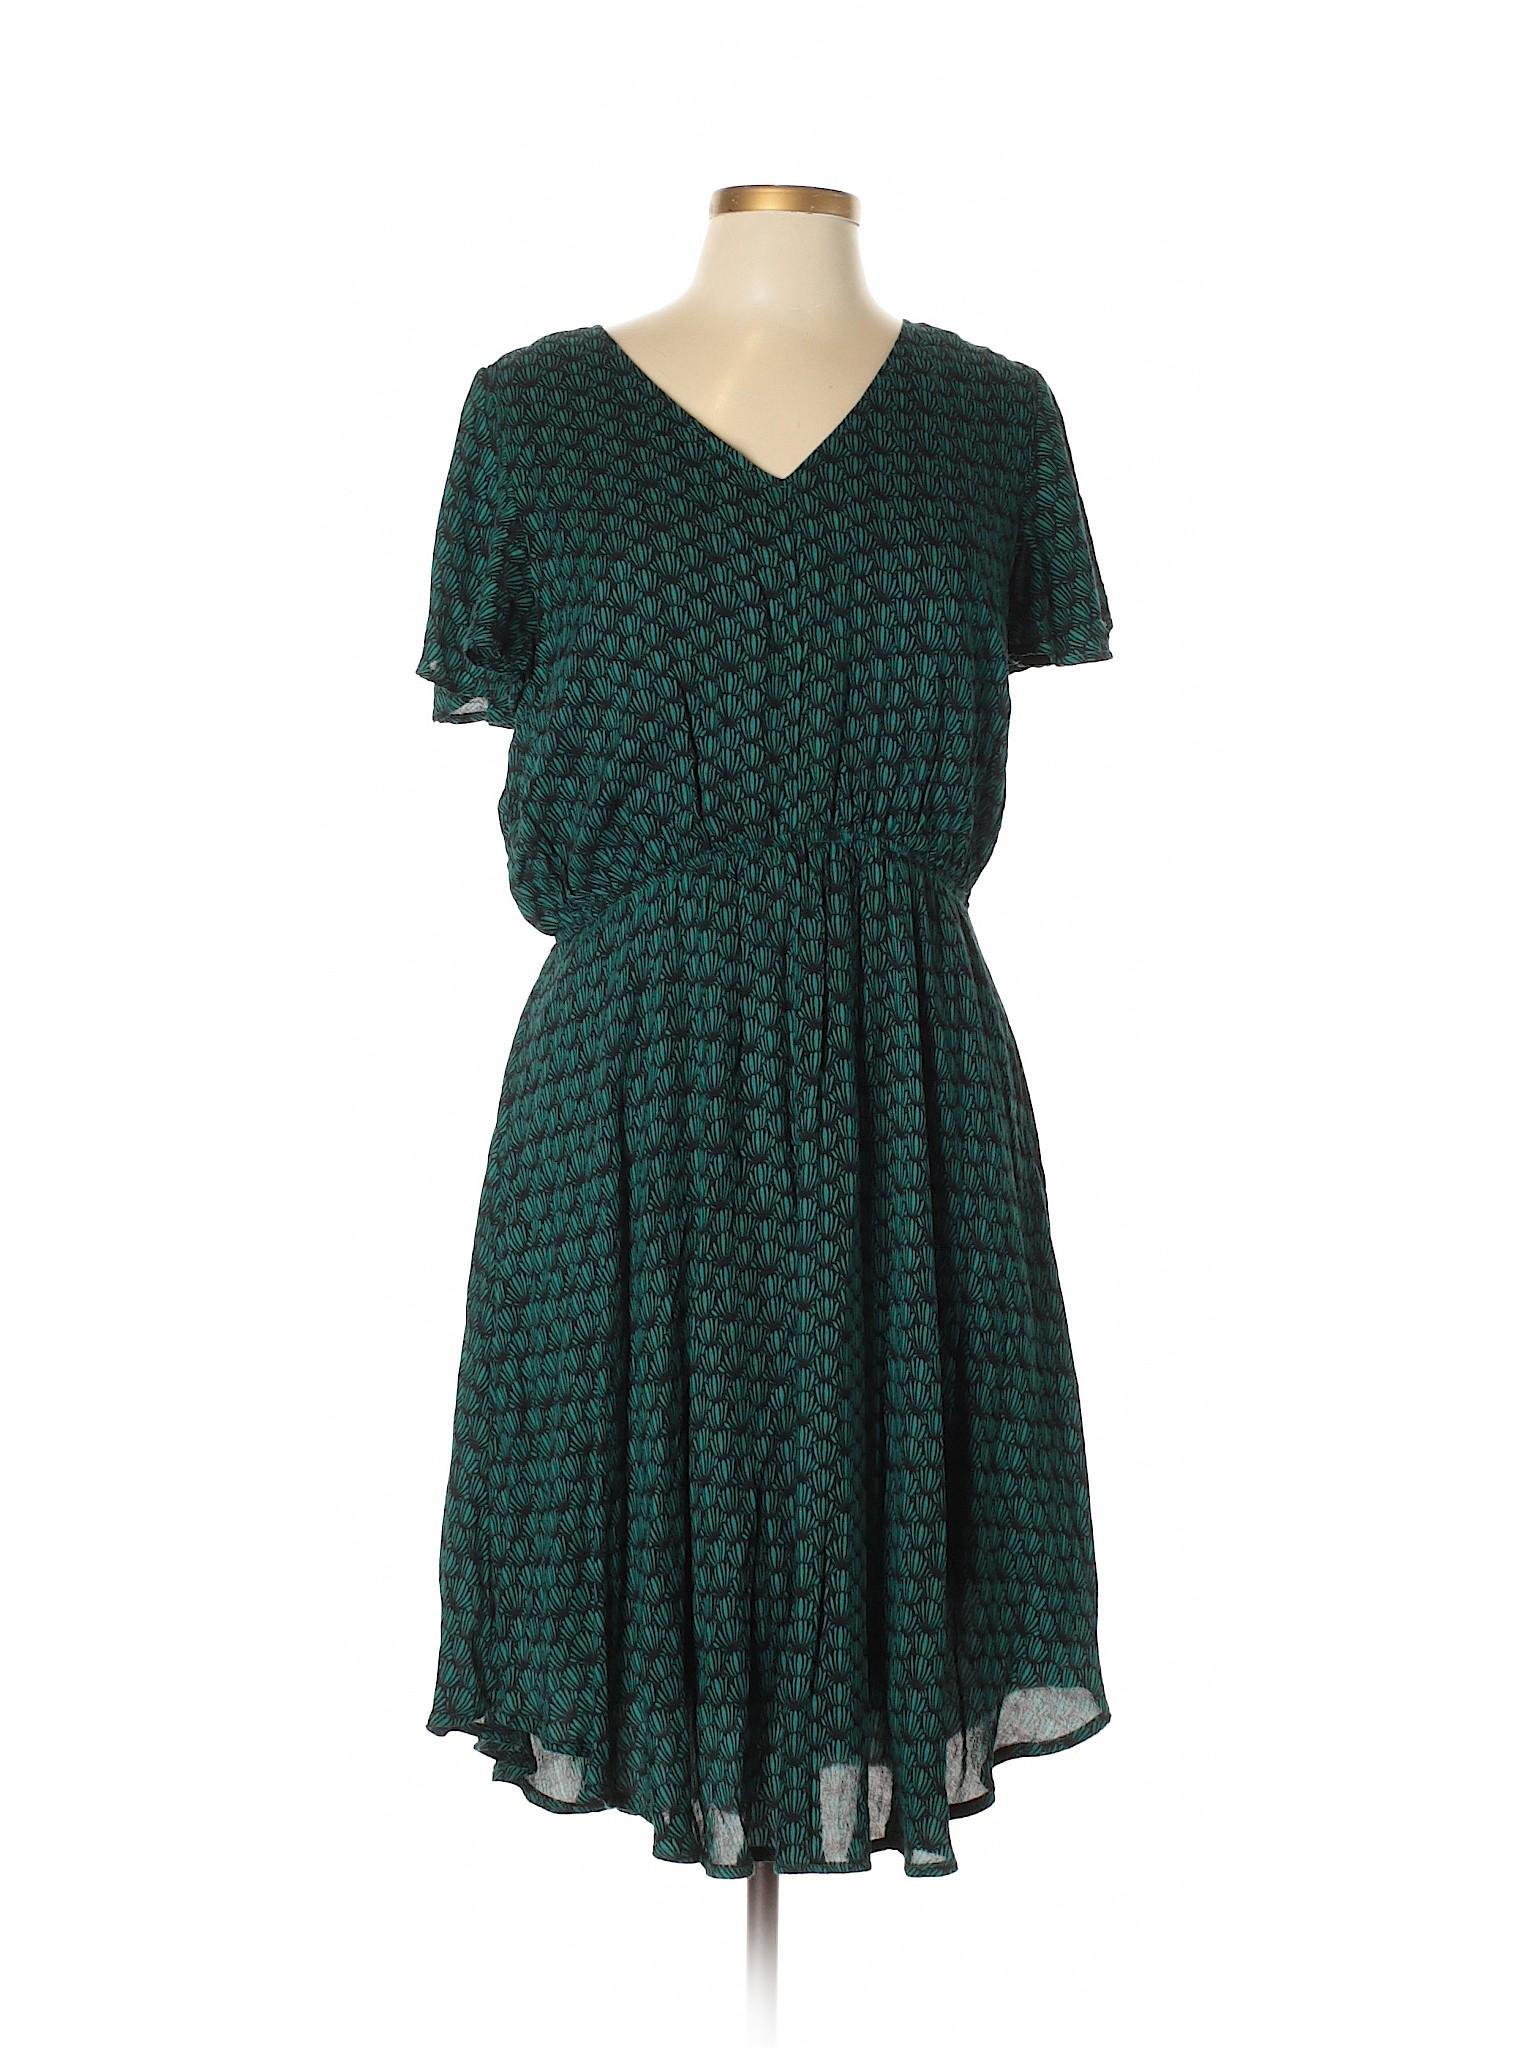 winter Casual Dress Dress Dress Casual Merona winter Boutique winter winter Merona Merona Boutique Boutique Casual Boutique Tv4q1wxq